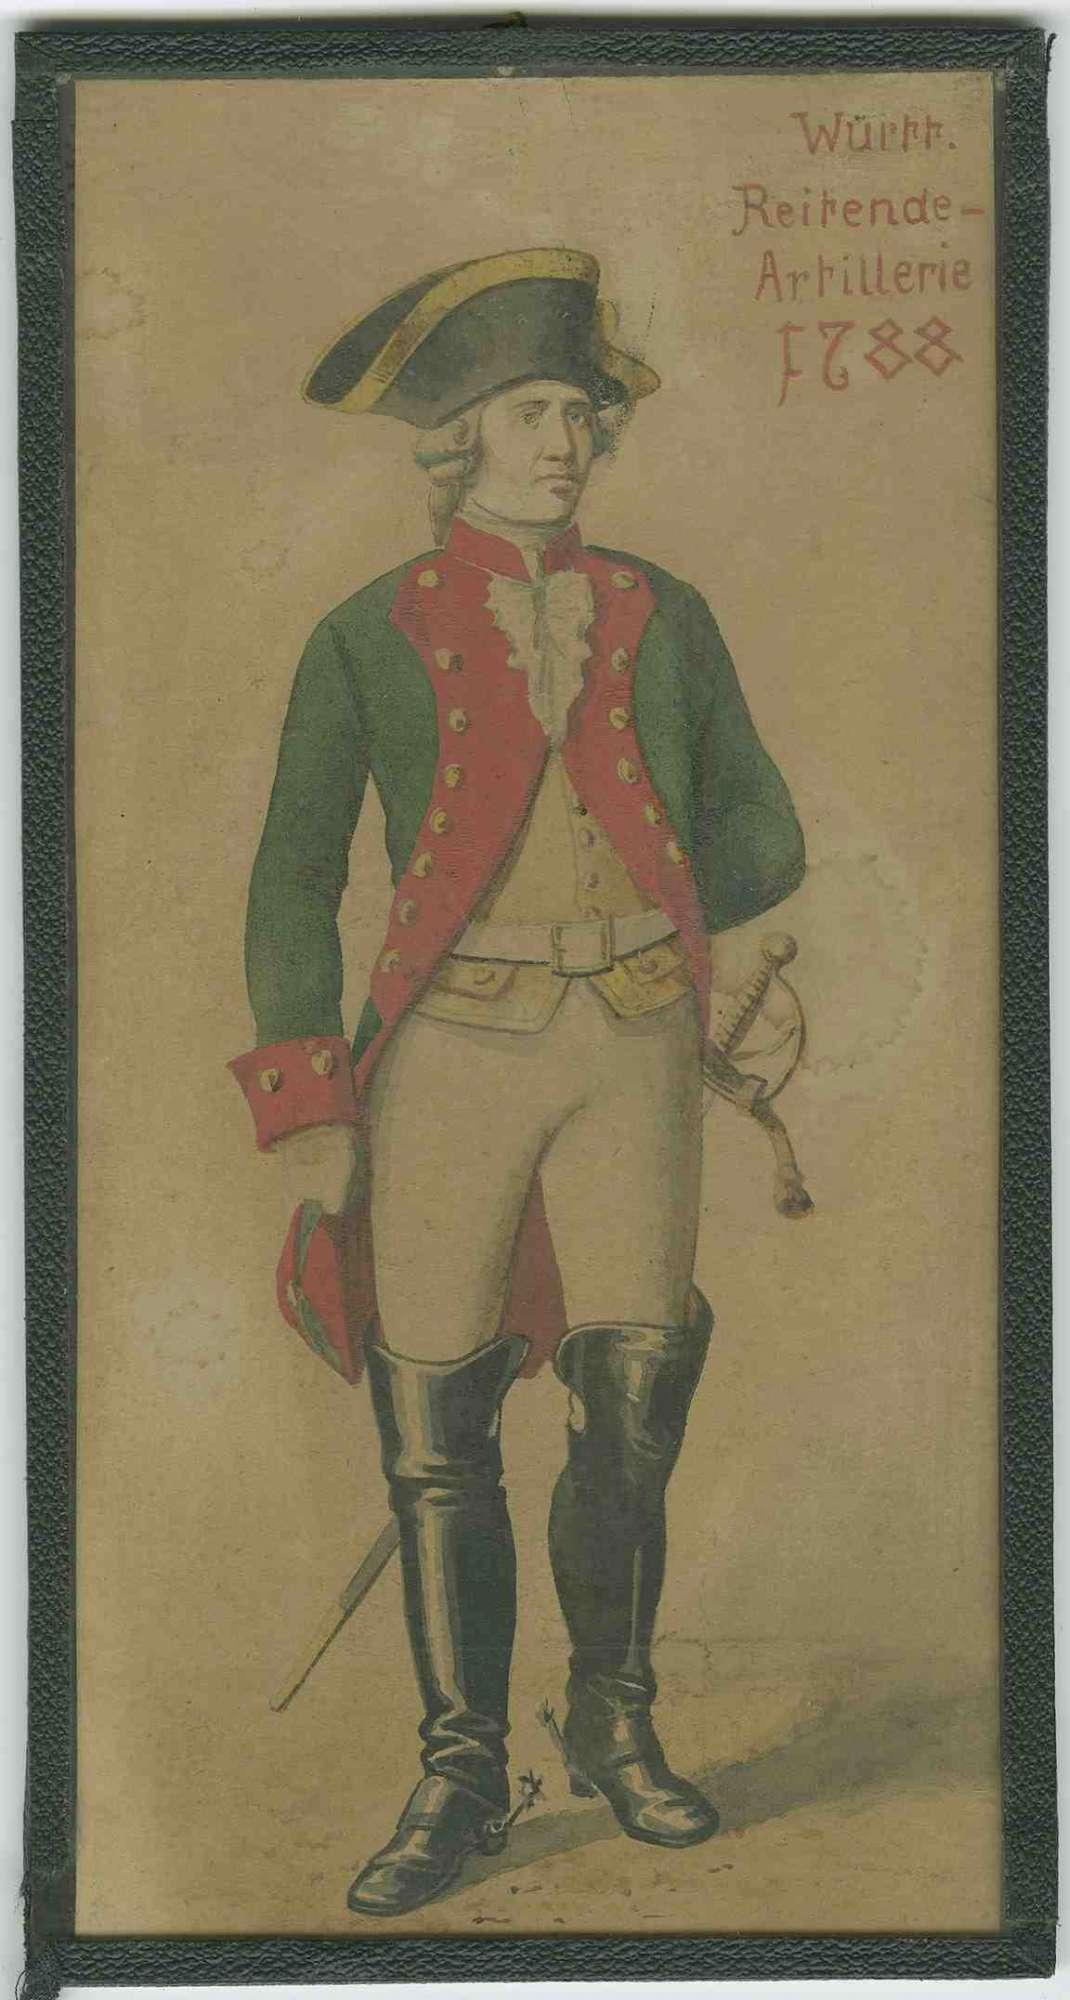 Offizier der Garde Legion der Württ. Reitenden Artillerie 1788 in Uniform mit Mütze [Quelle: Hauptstaatsarchiv Stuttgart]